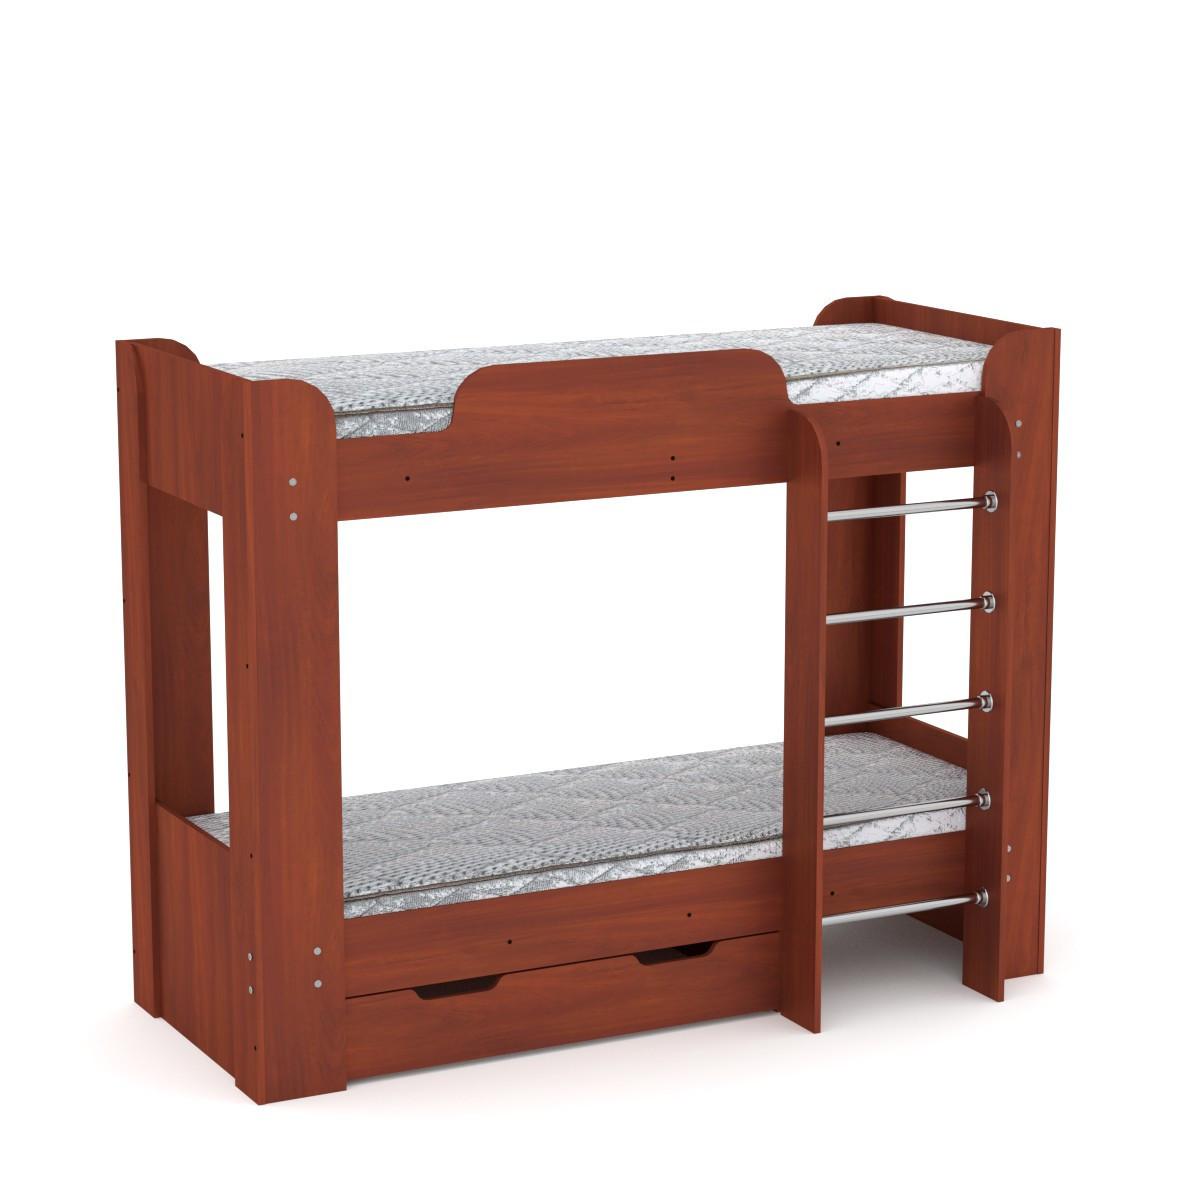 Кровать двухъярусная Твикс-2 яблоня Компанит